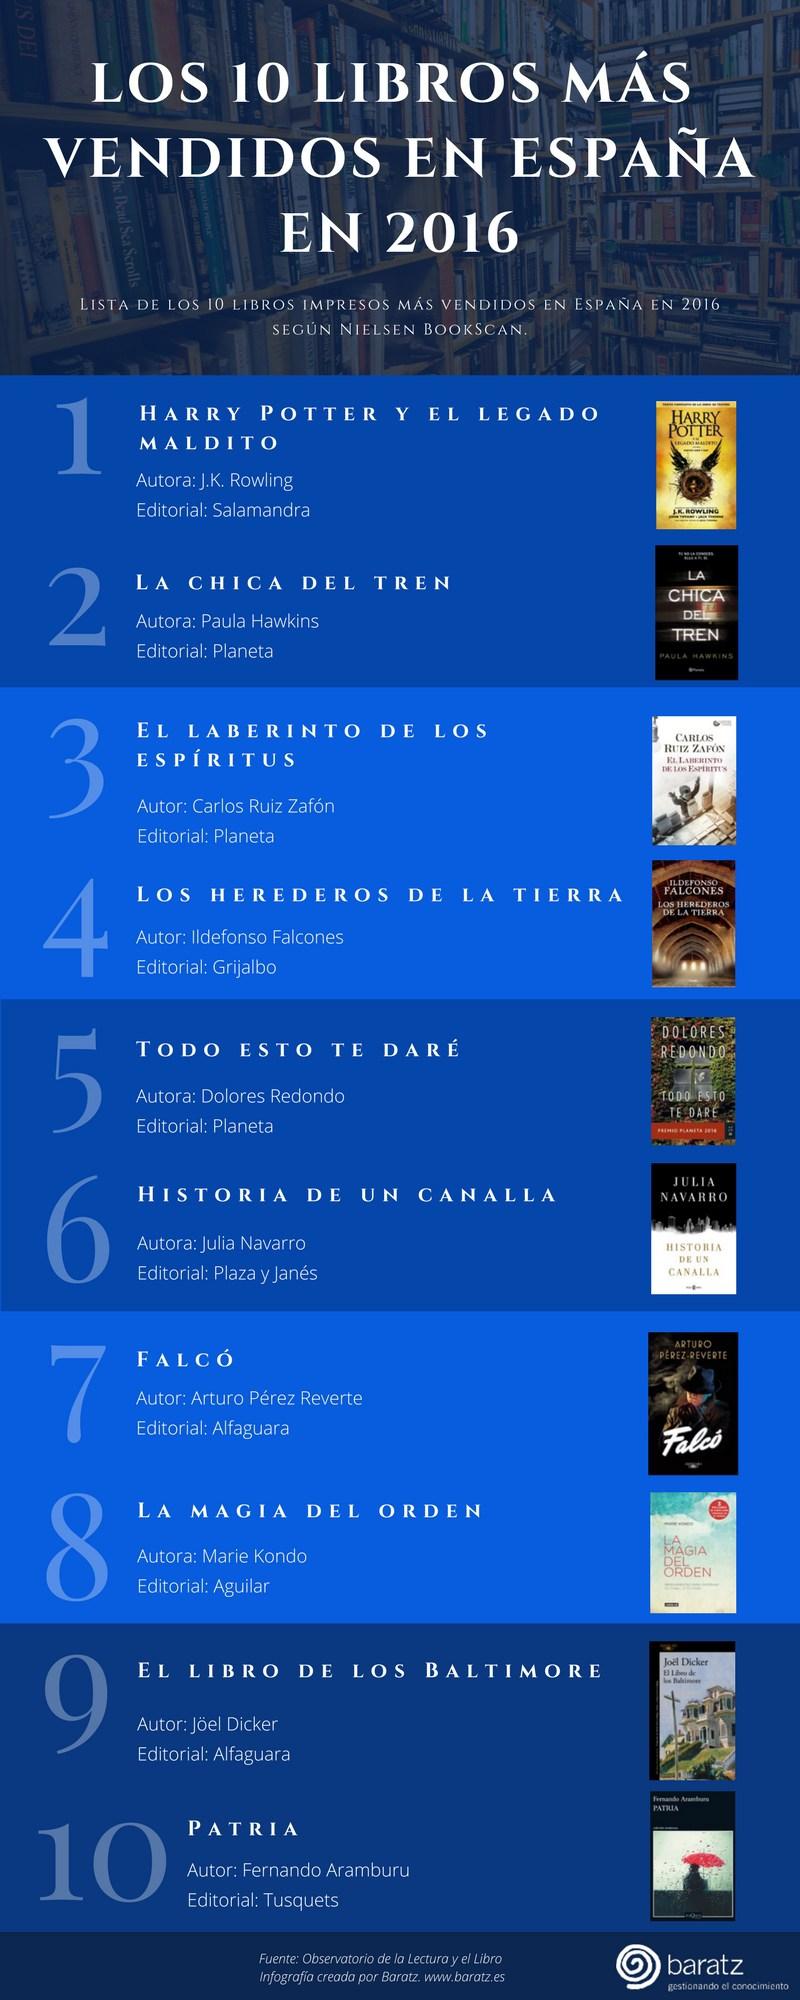 10 libros más vendidos en España en 2016- mundogamusino